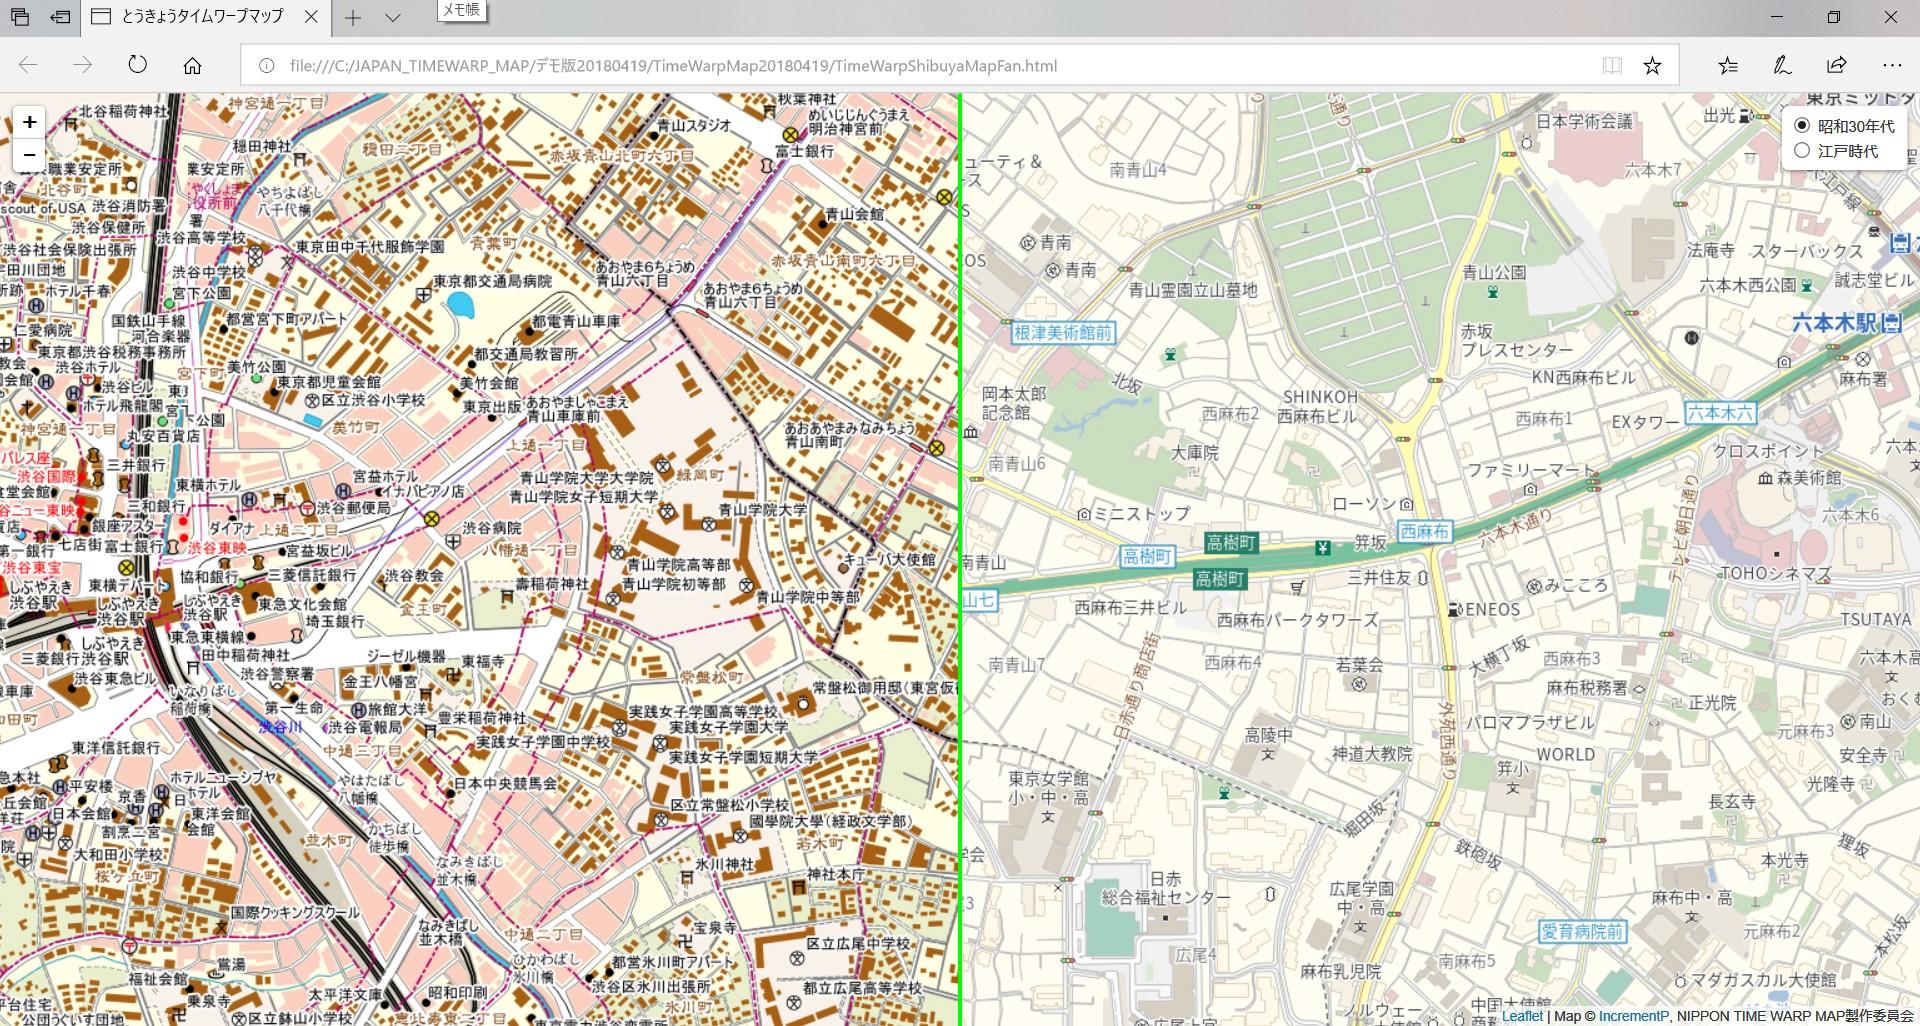 「タイムワープMAP 東京」のデモ画面。地図の境界をドラッグすることで、1962年の地図と、現代の地図(インクリメントP株式会社の「MapFan」を使用)を見比べられるようになっている。一見すると1962年の地図(左)も街の区割りは現代と変わらないが、六本木通りはまだ貫通しておらず、首都高速も走っていない。一方で、青山通りなどには都電の路線が走っているほか、渋谷川上流の穏田川もまだ開渠として描かれているなど、いろいろ現代と異なっているのが分かる